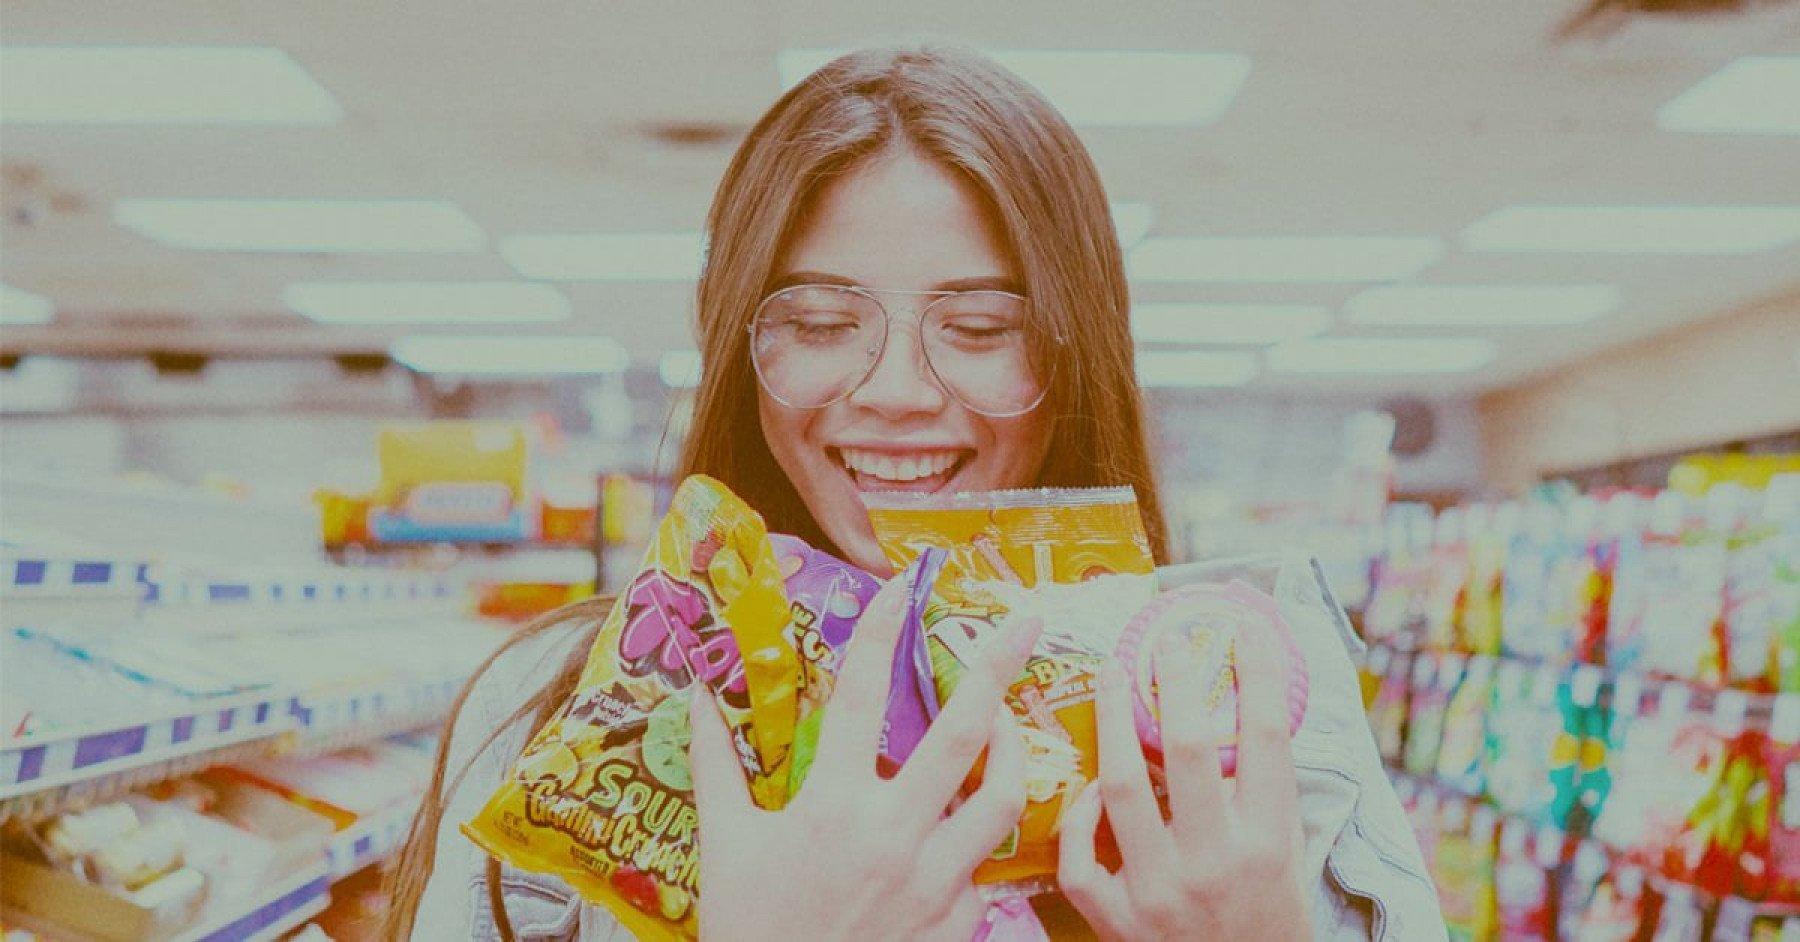 En ungdom står i en kiosk och håller i ett gäng godispåsar i sin famn